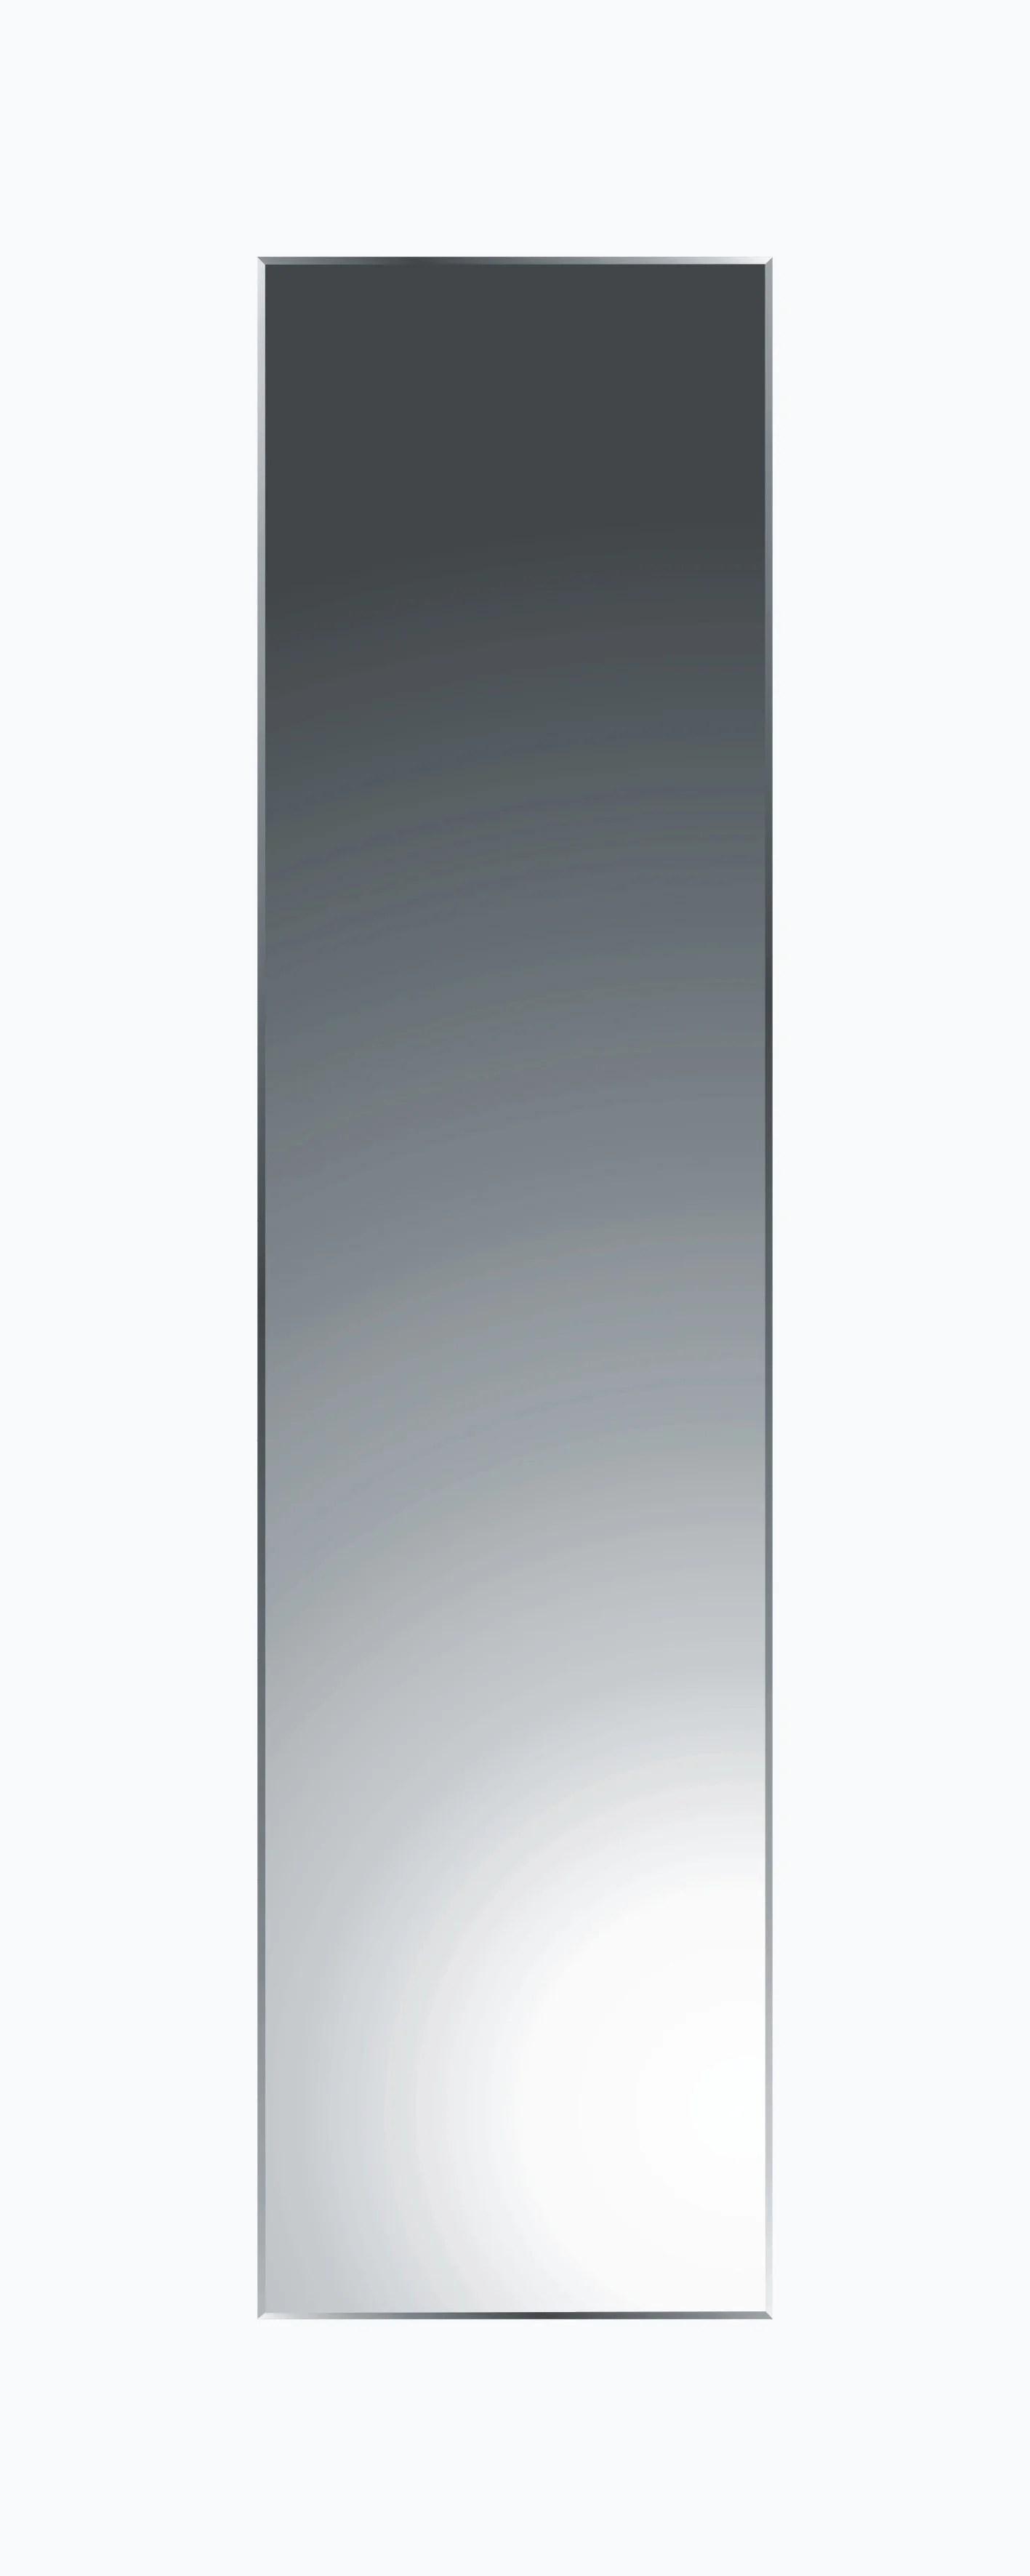 miroir non lumineux decoupe rectangulaire l 30 x l 120 cm biseaute